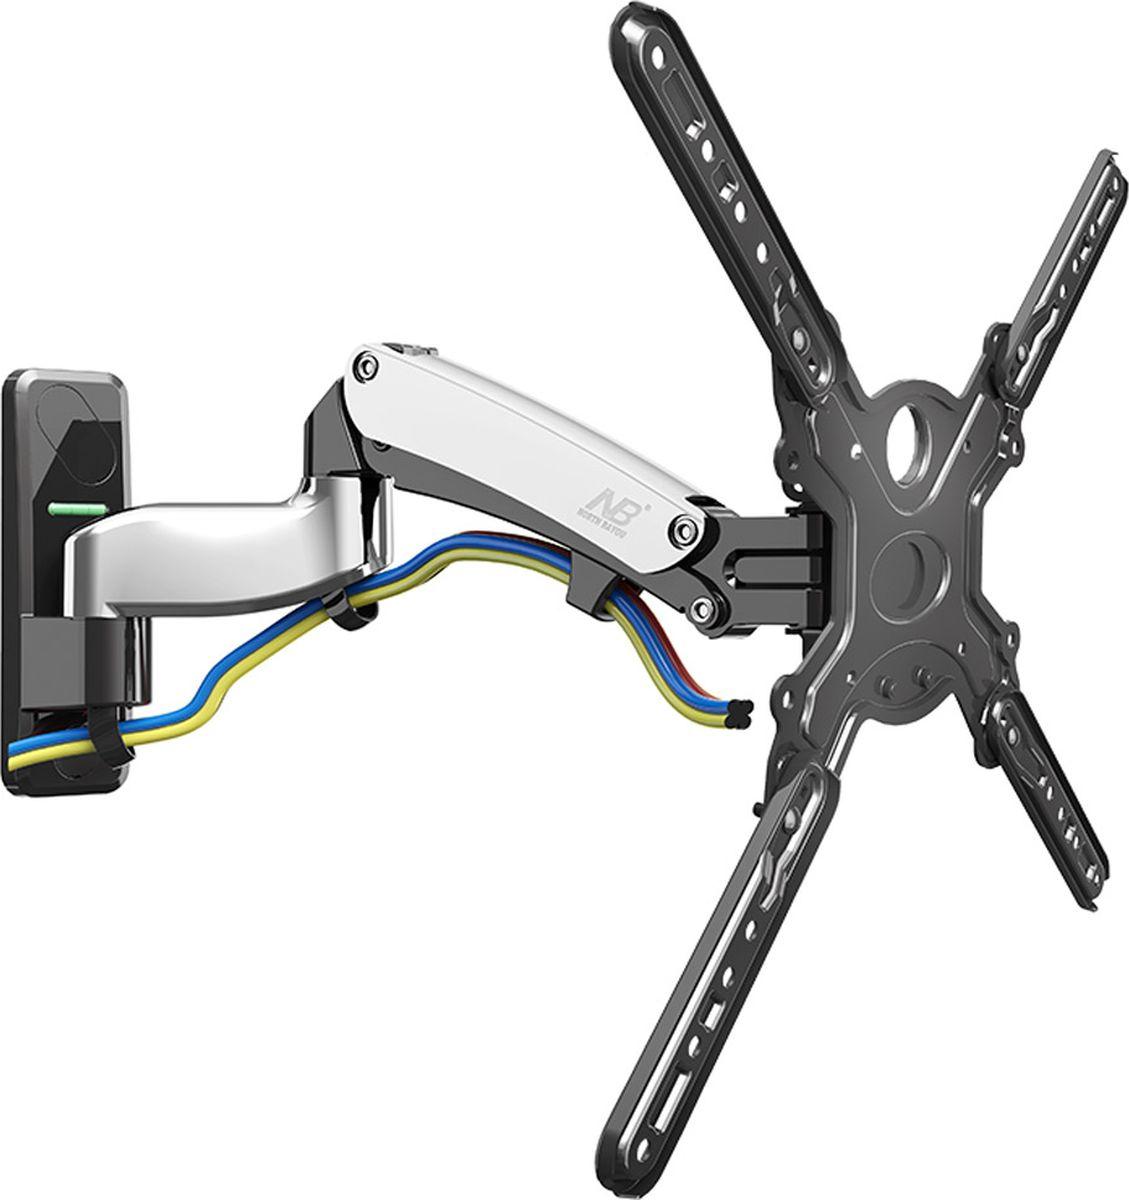 North Bayou NB F500, Chrome кронштейнхромированныйНастенный наклонно-поворотный кронштейн с регулировкой по высоте North Bayou NB F500 подходит для телевизоров с диагональю 50-60 и с весом от 14 до 23 кг. Благодаря встроенной газовой пружине вы можете с лёгкостью перемещать телевизор не только влево и вправо, но и вверх, и вниз, при этом не прилагая усилий и не производя дополнительной фиксации. Именно технологии надёжных осевых соединений с газовой пружиной позволят вам отрегулировать положение телевизора для самого комфортного просмотра. Встроенный кабель-канал позволяет расположить провода внутри кронштейна, что придает эстетический вид всей конструкции.